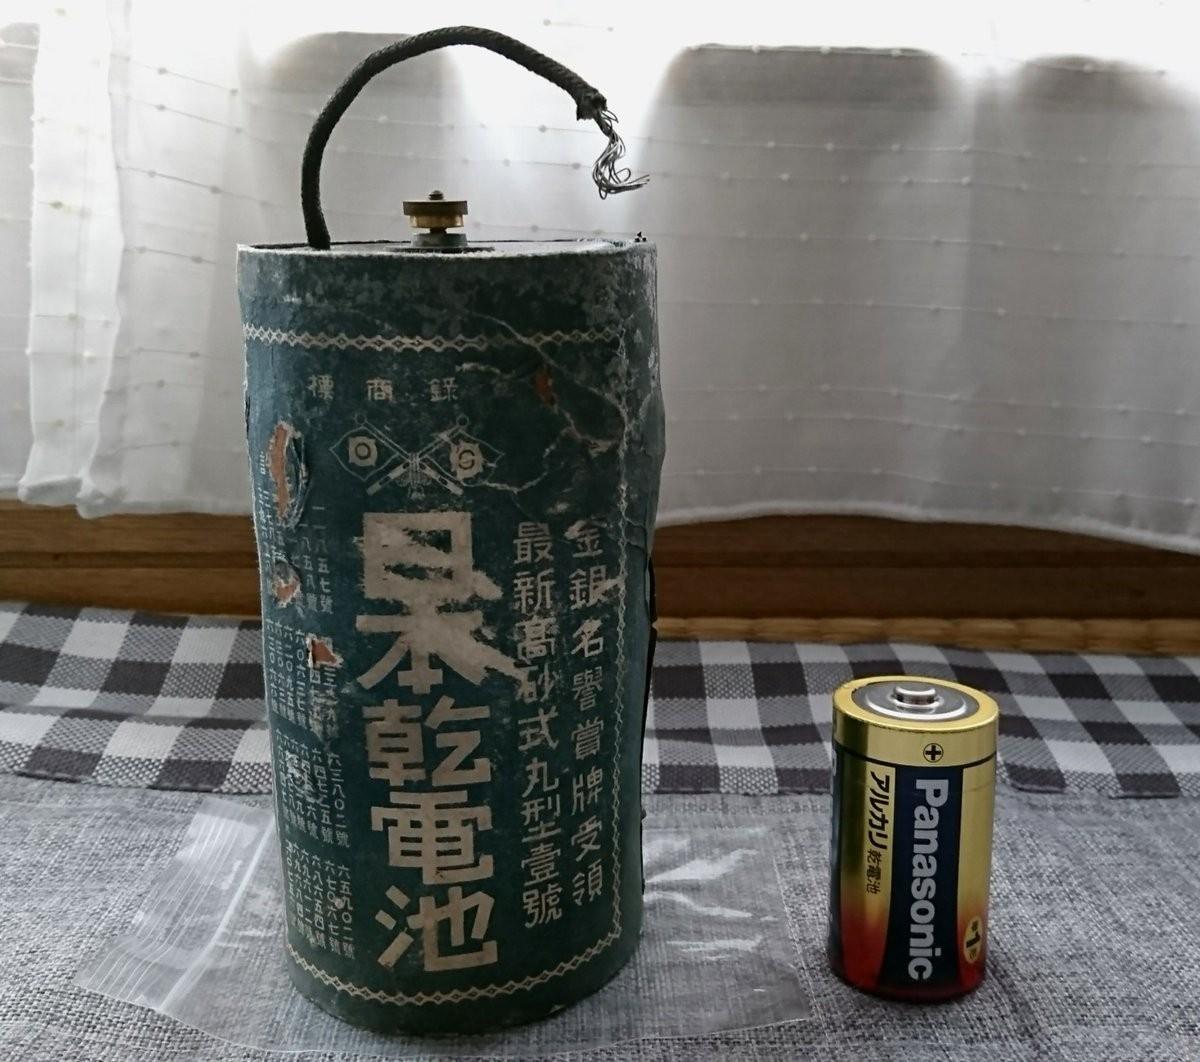 日本製造就是狂!70年前出廠電池,接上電現在還能用